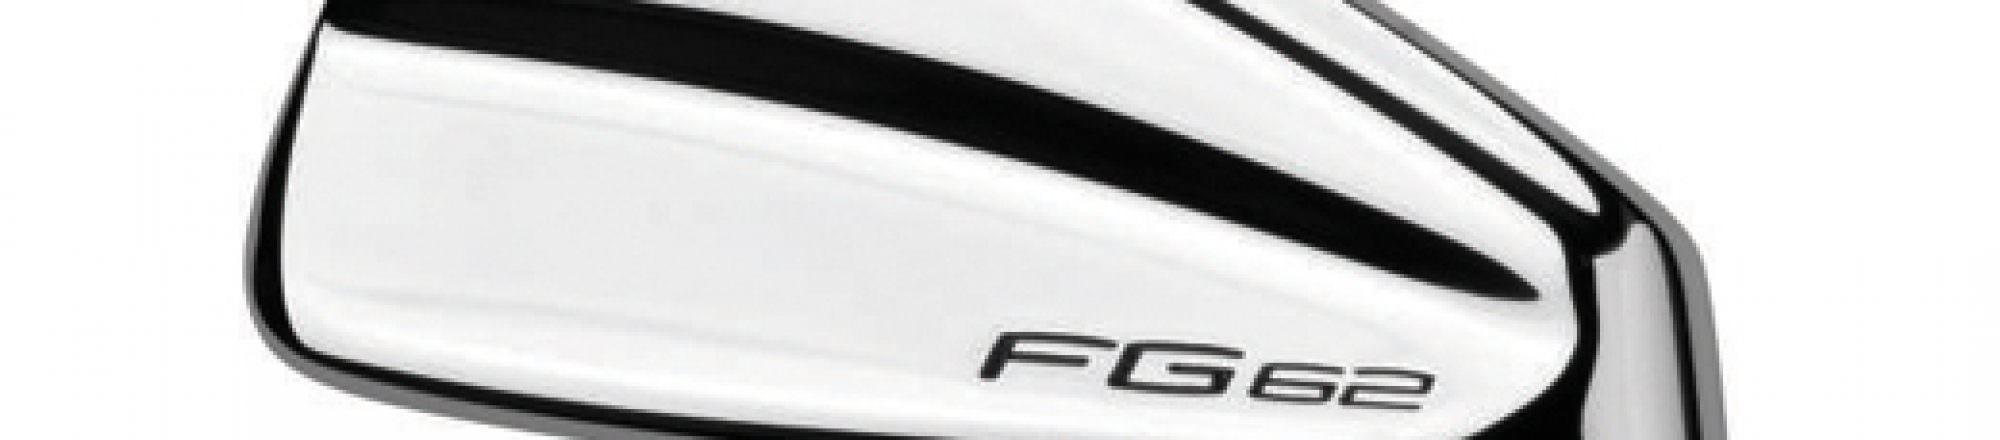 Wilson Staff: FG 62 Irons